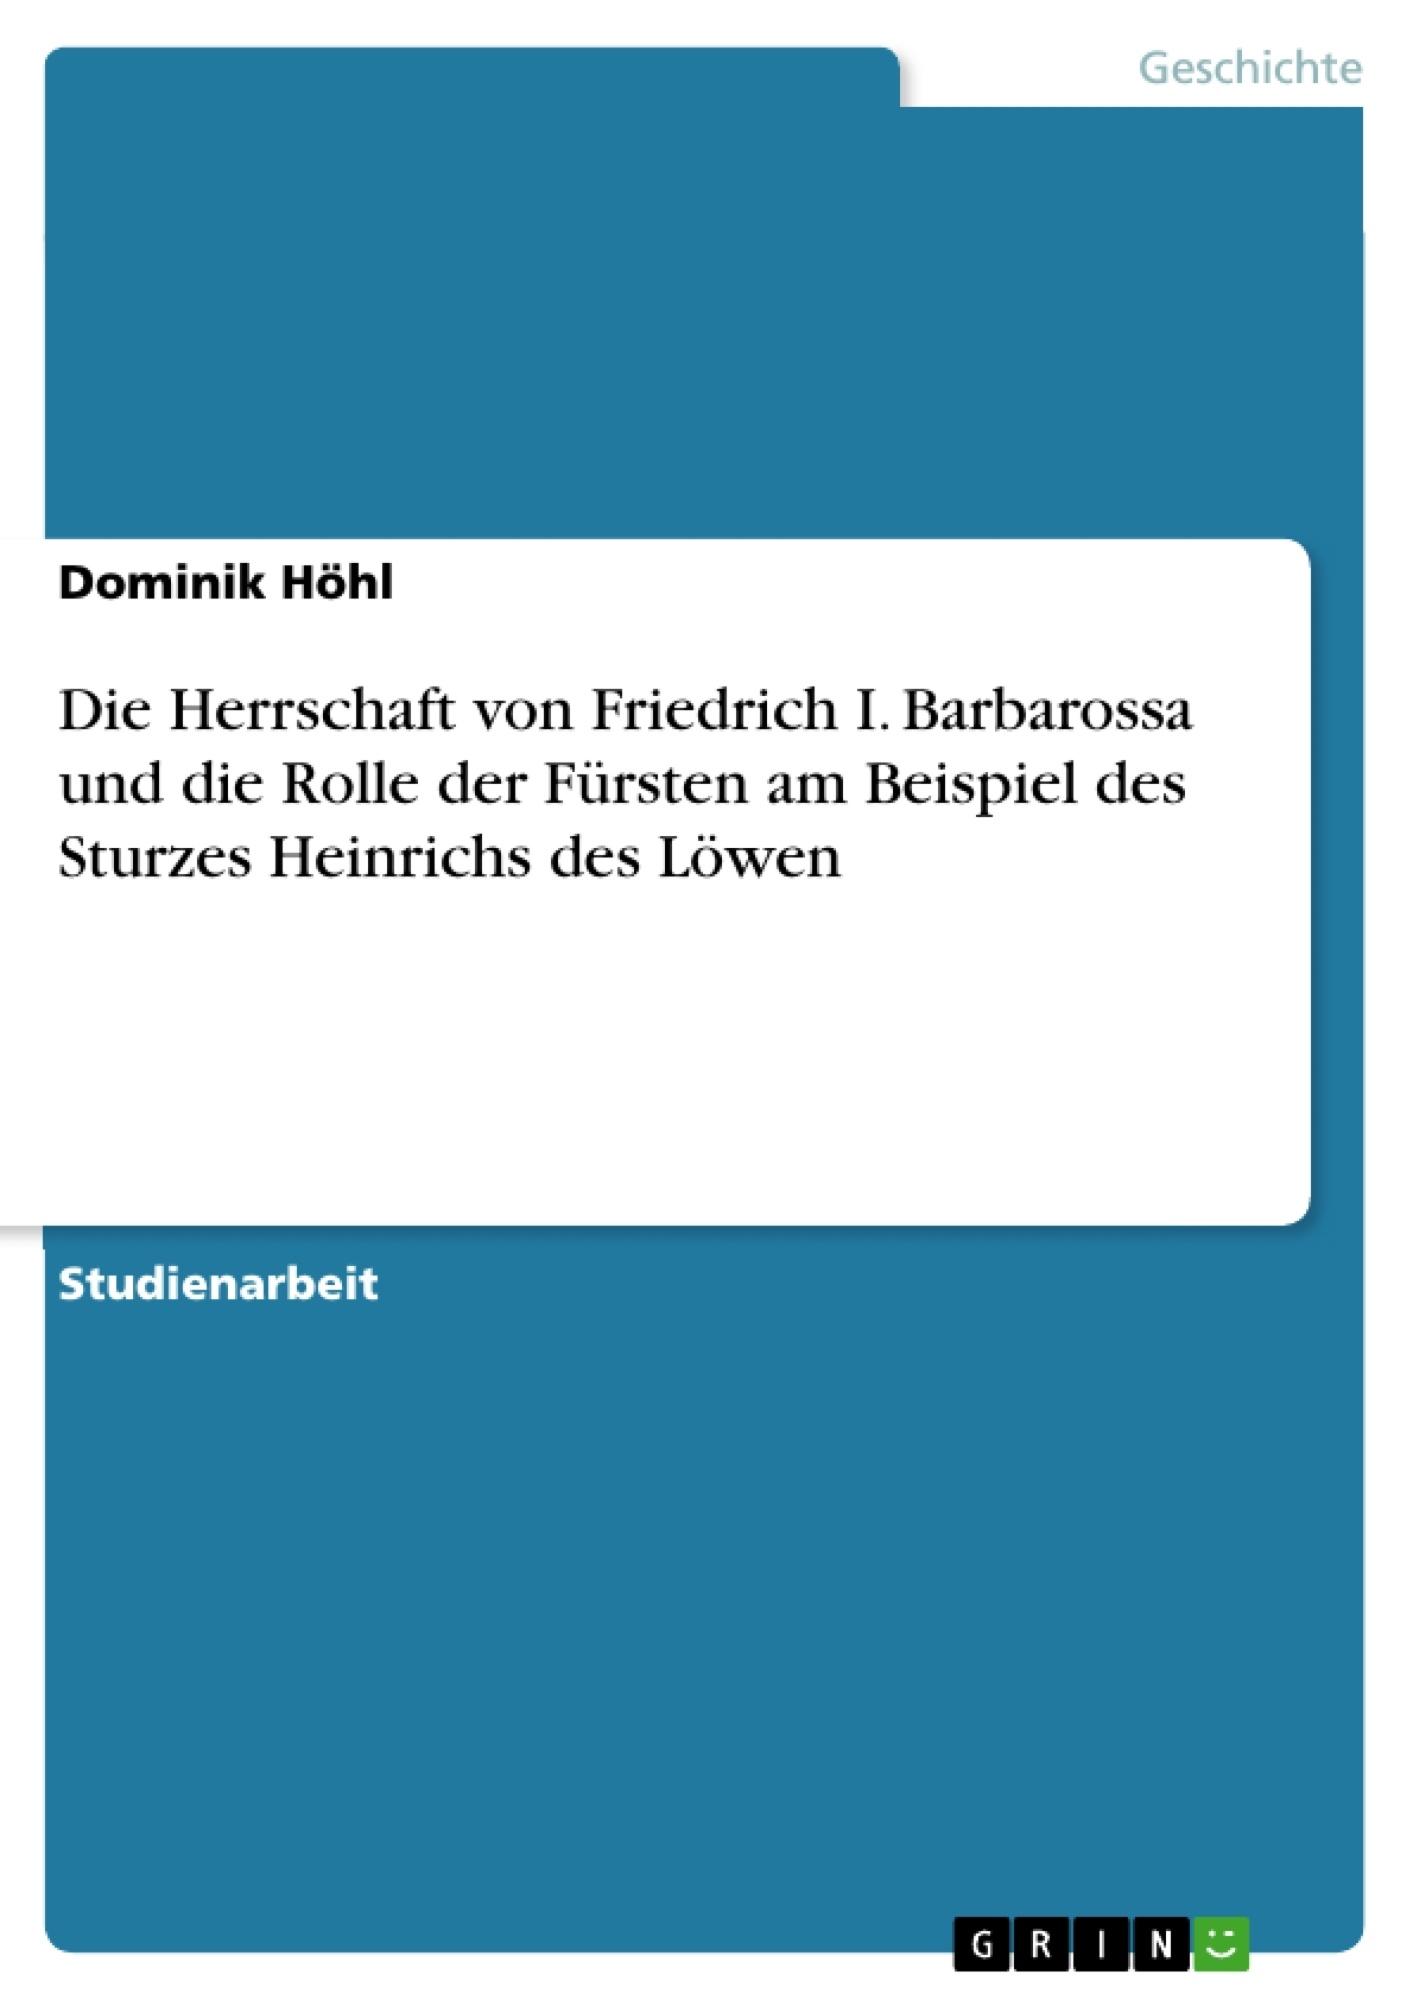 Titel: Die Herrschaft von Friedrich I. Barbarossa und die Rolle der Fürsten am Beispiel des Sturzes Heinrichs des Löwen